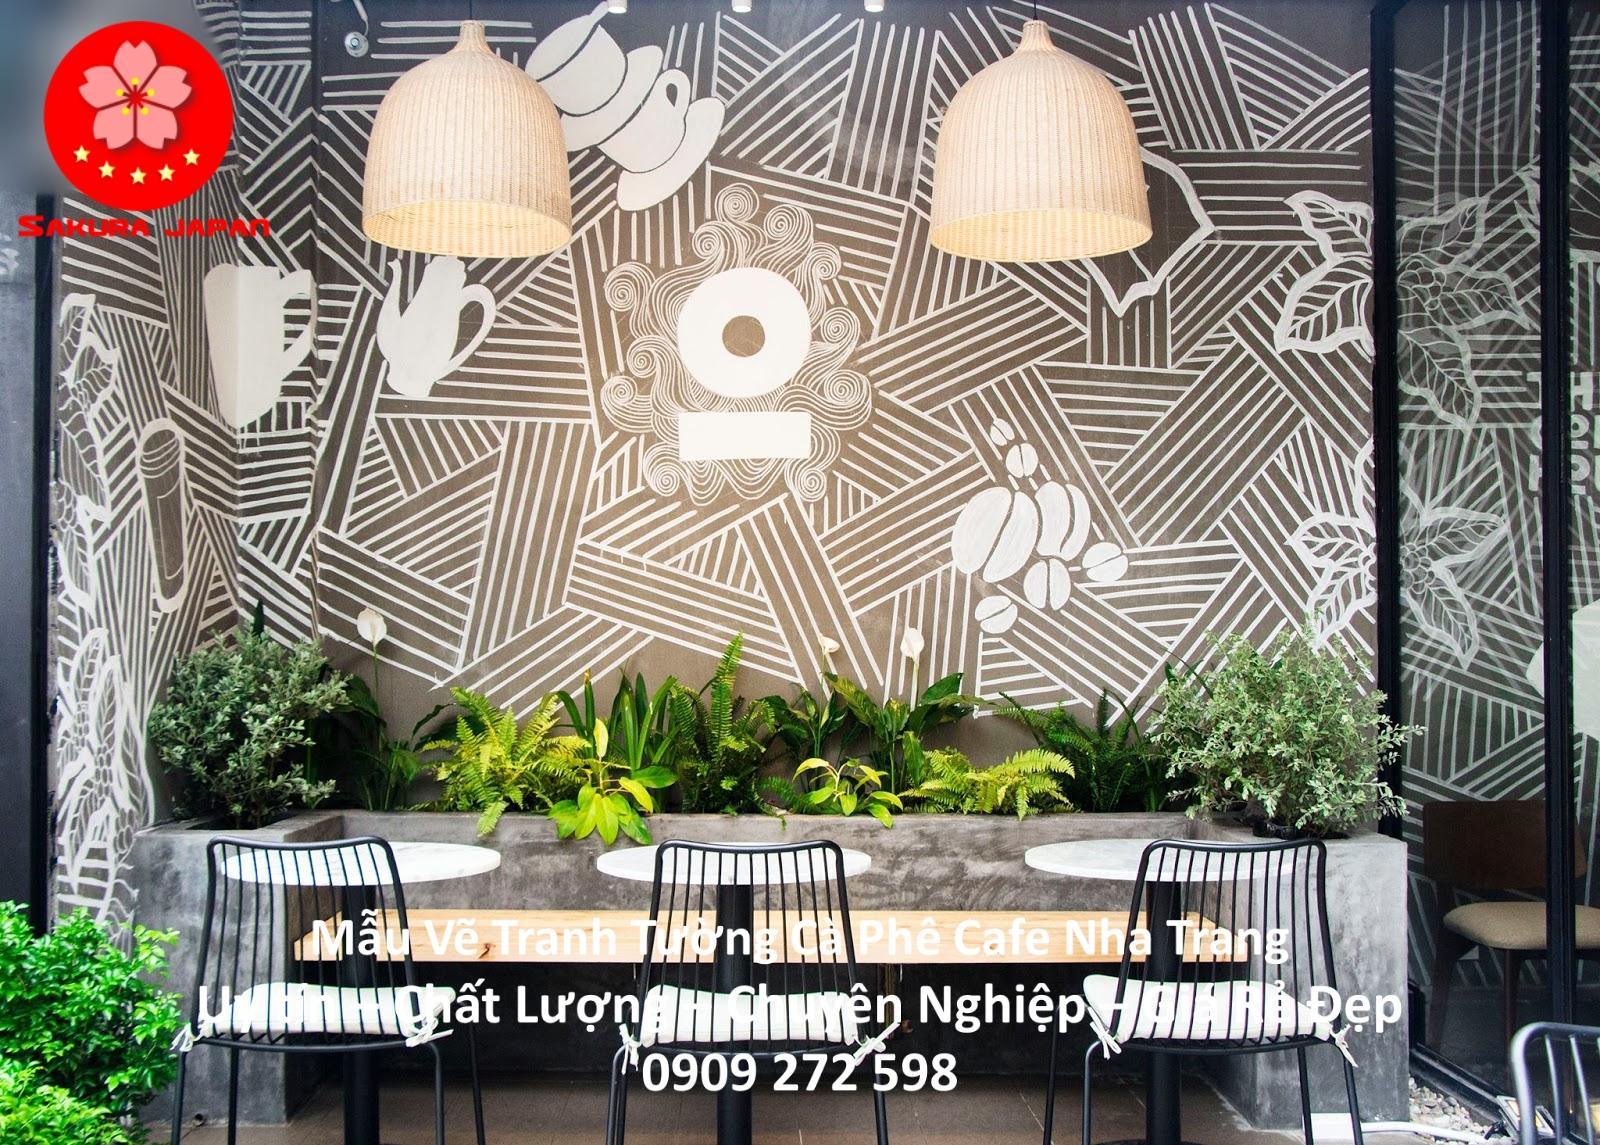 Mẫu Vẽ tranh Tường Cafe Nha Trang 11